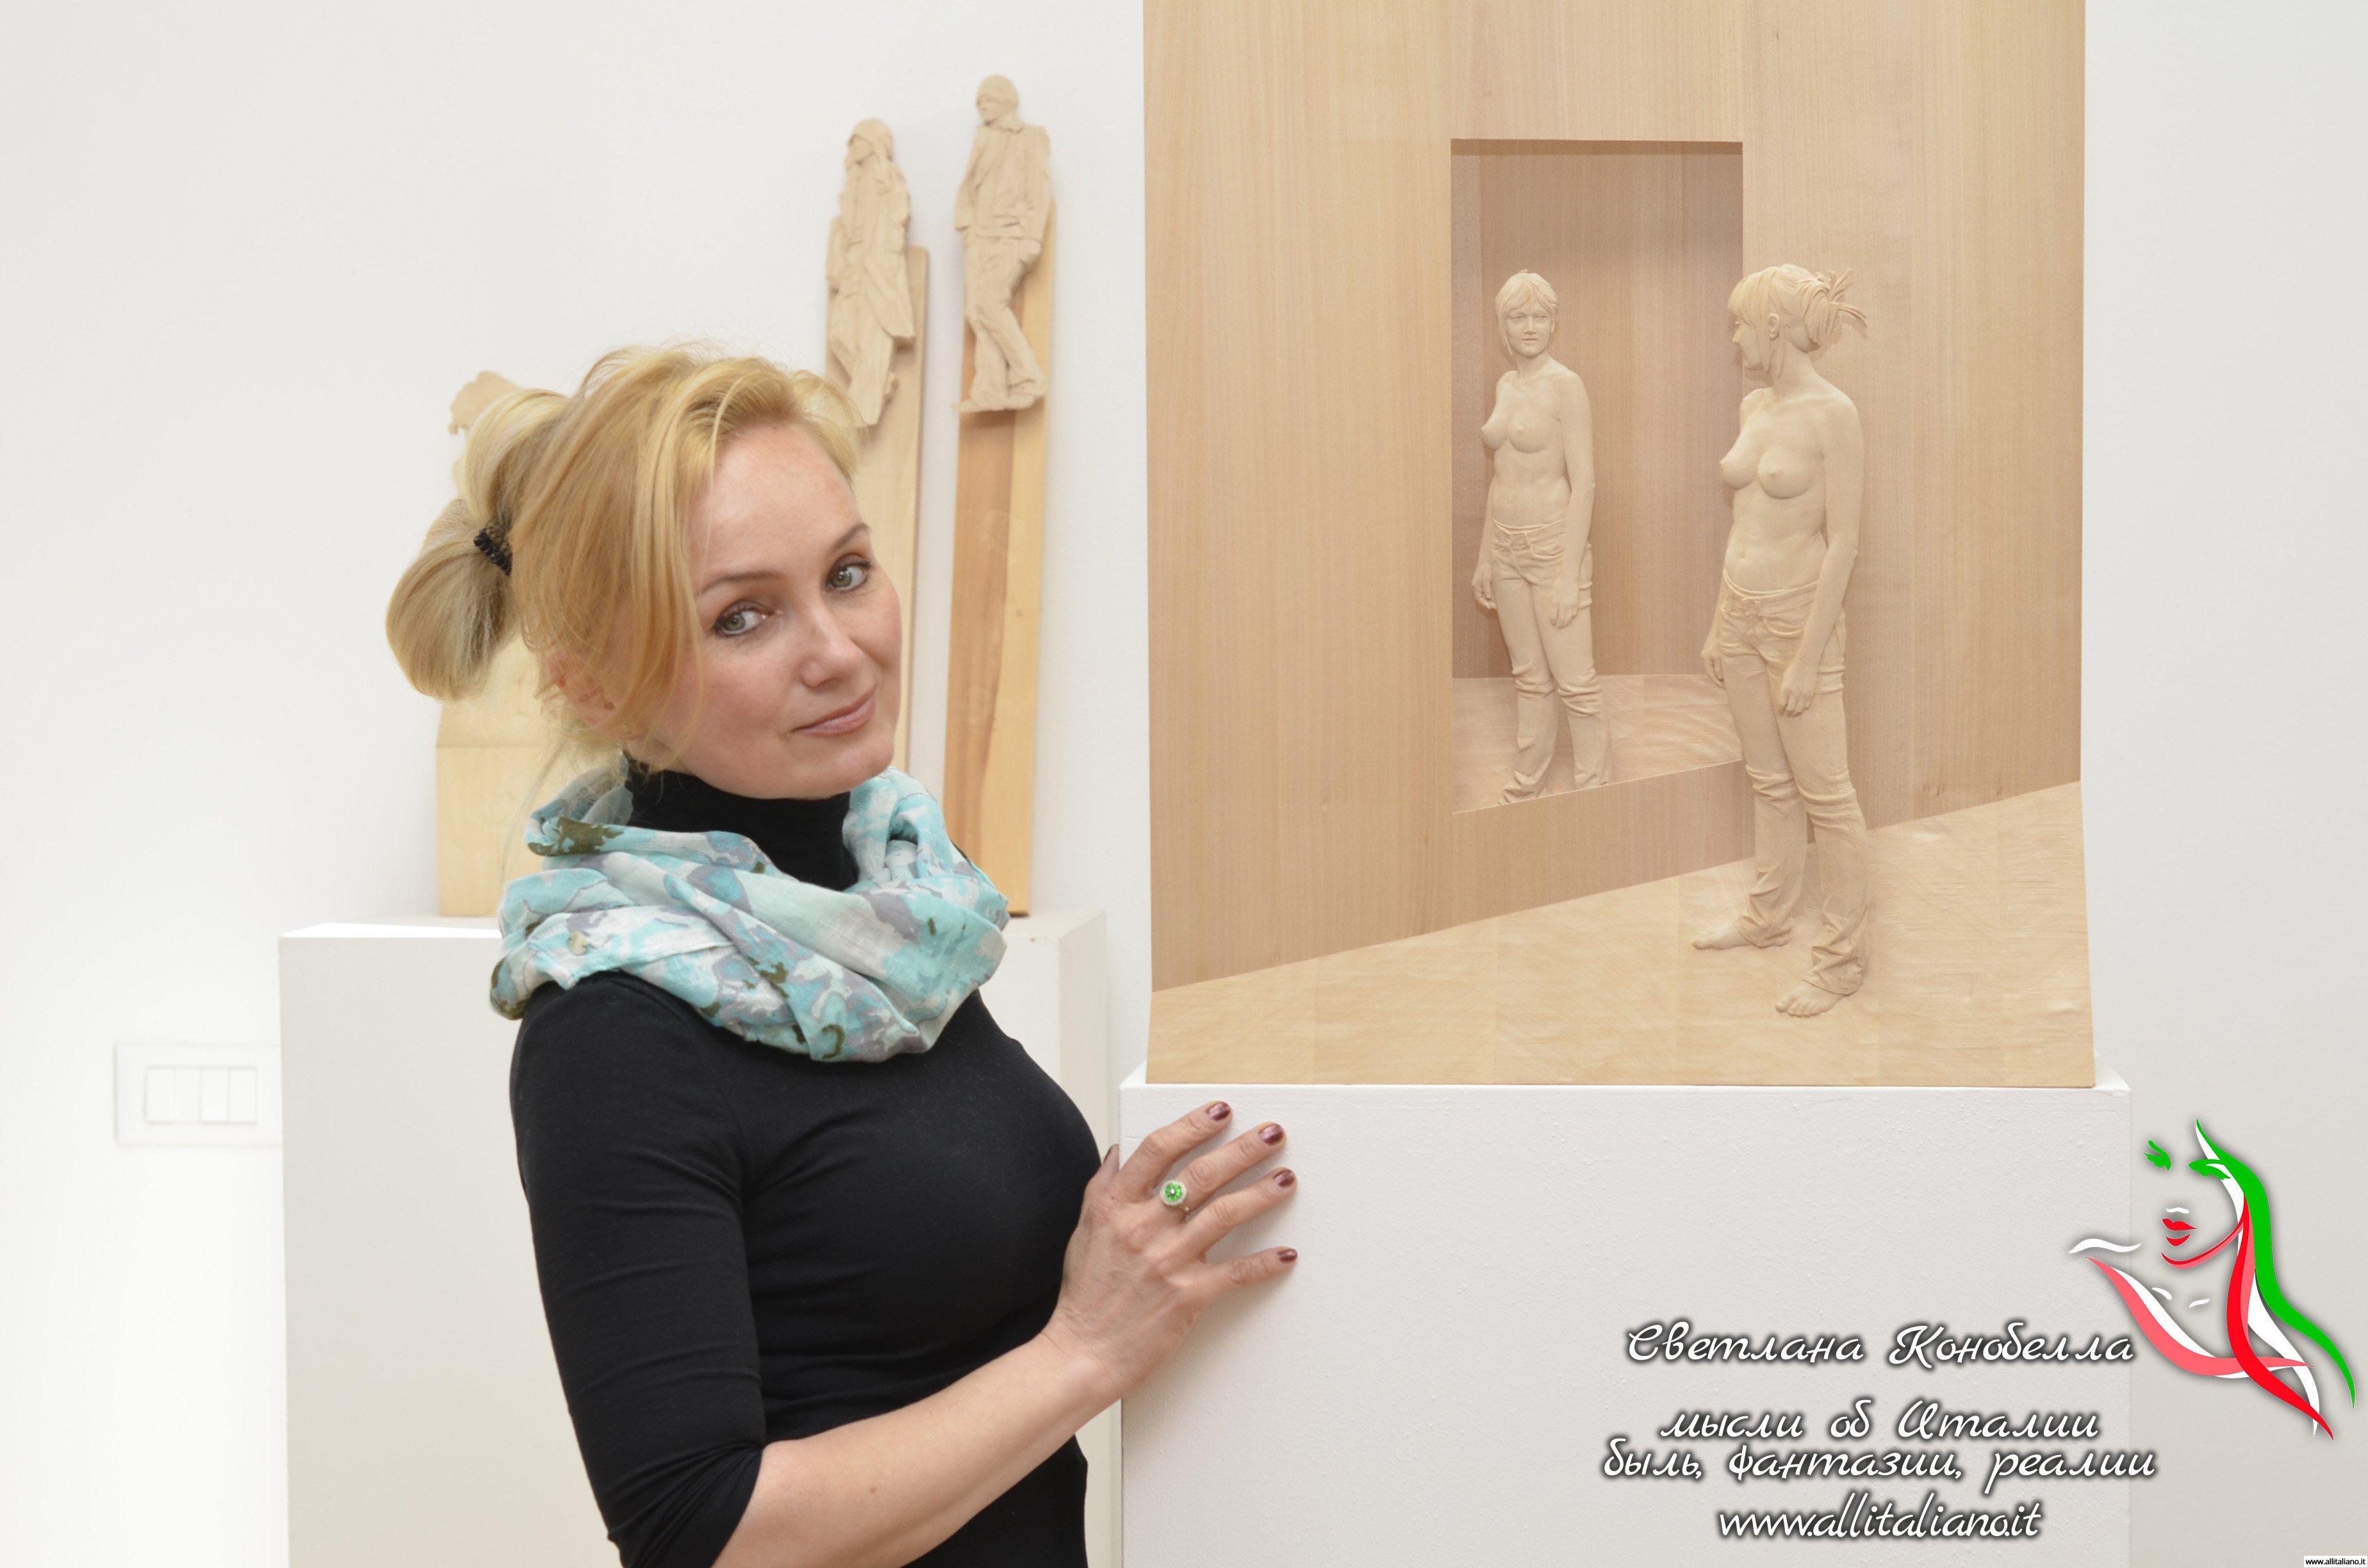 peter-demetz-svetlana-konobella-italy-art-sculpture-gardena-groeden-suedtirol (8)